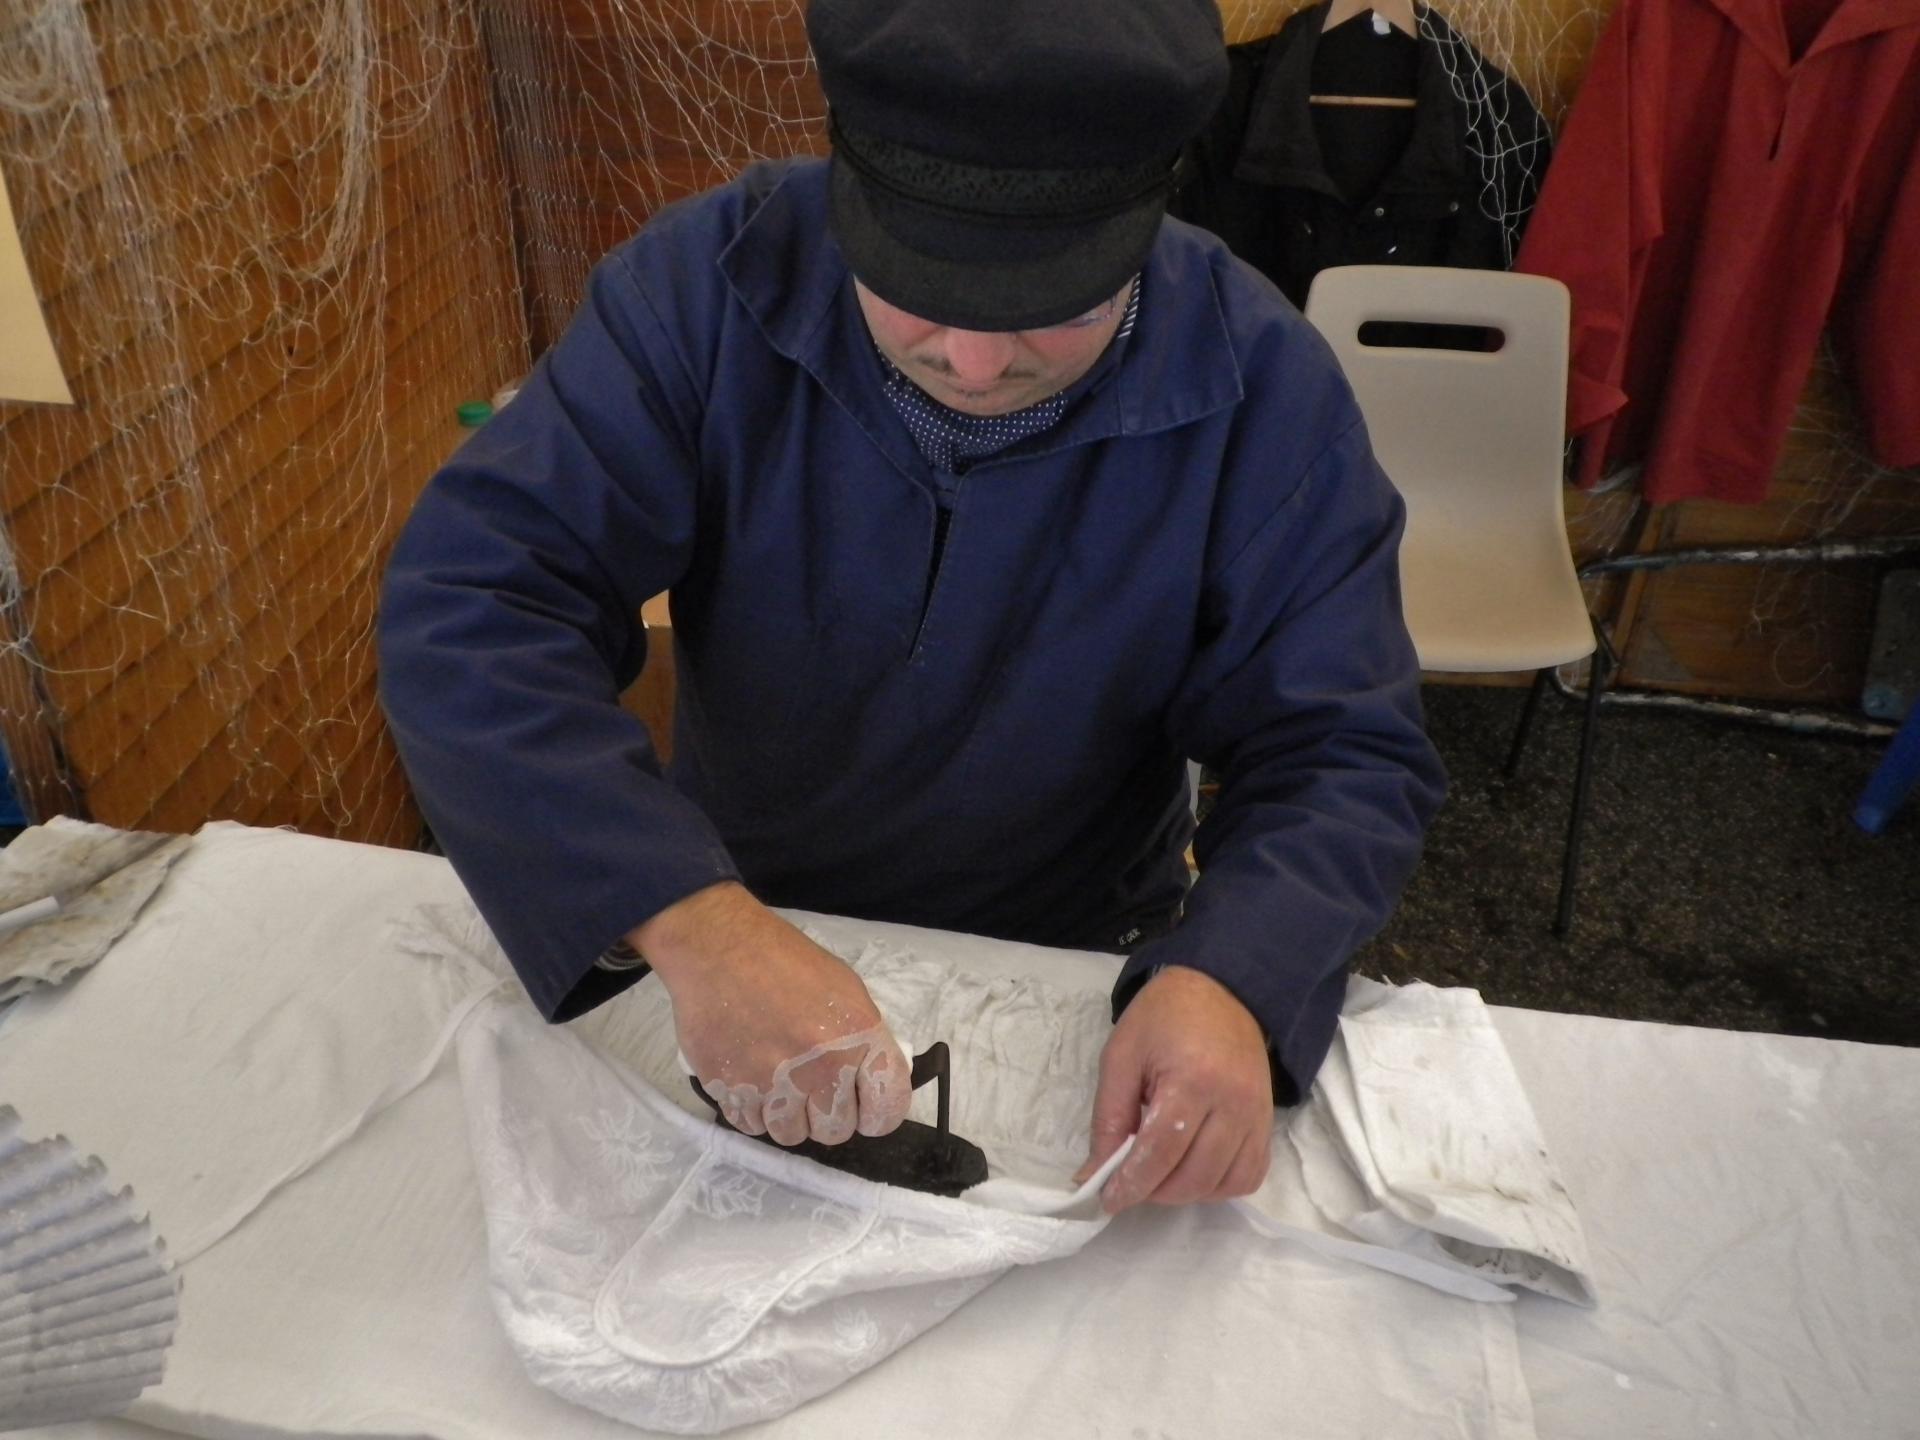 Etaples fete du hareng le repassage de l interieur du bonnet